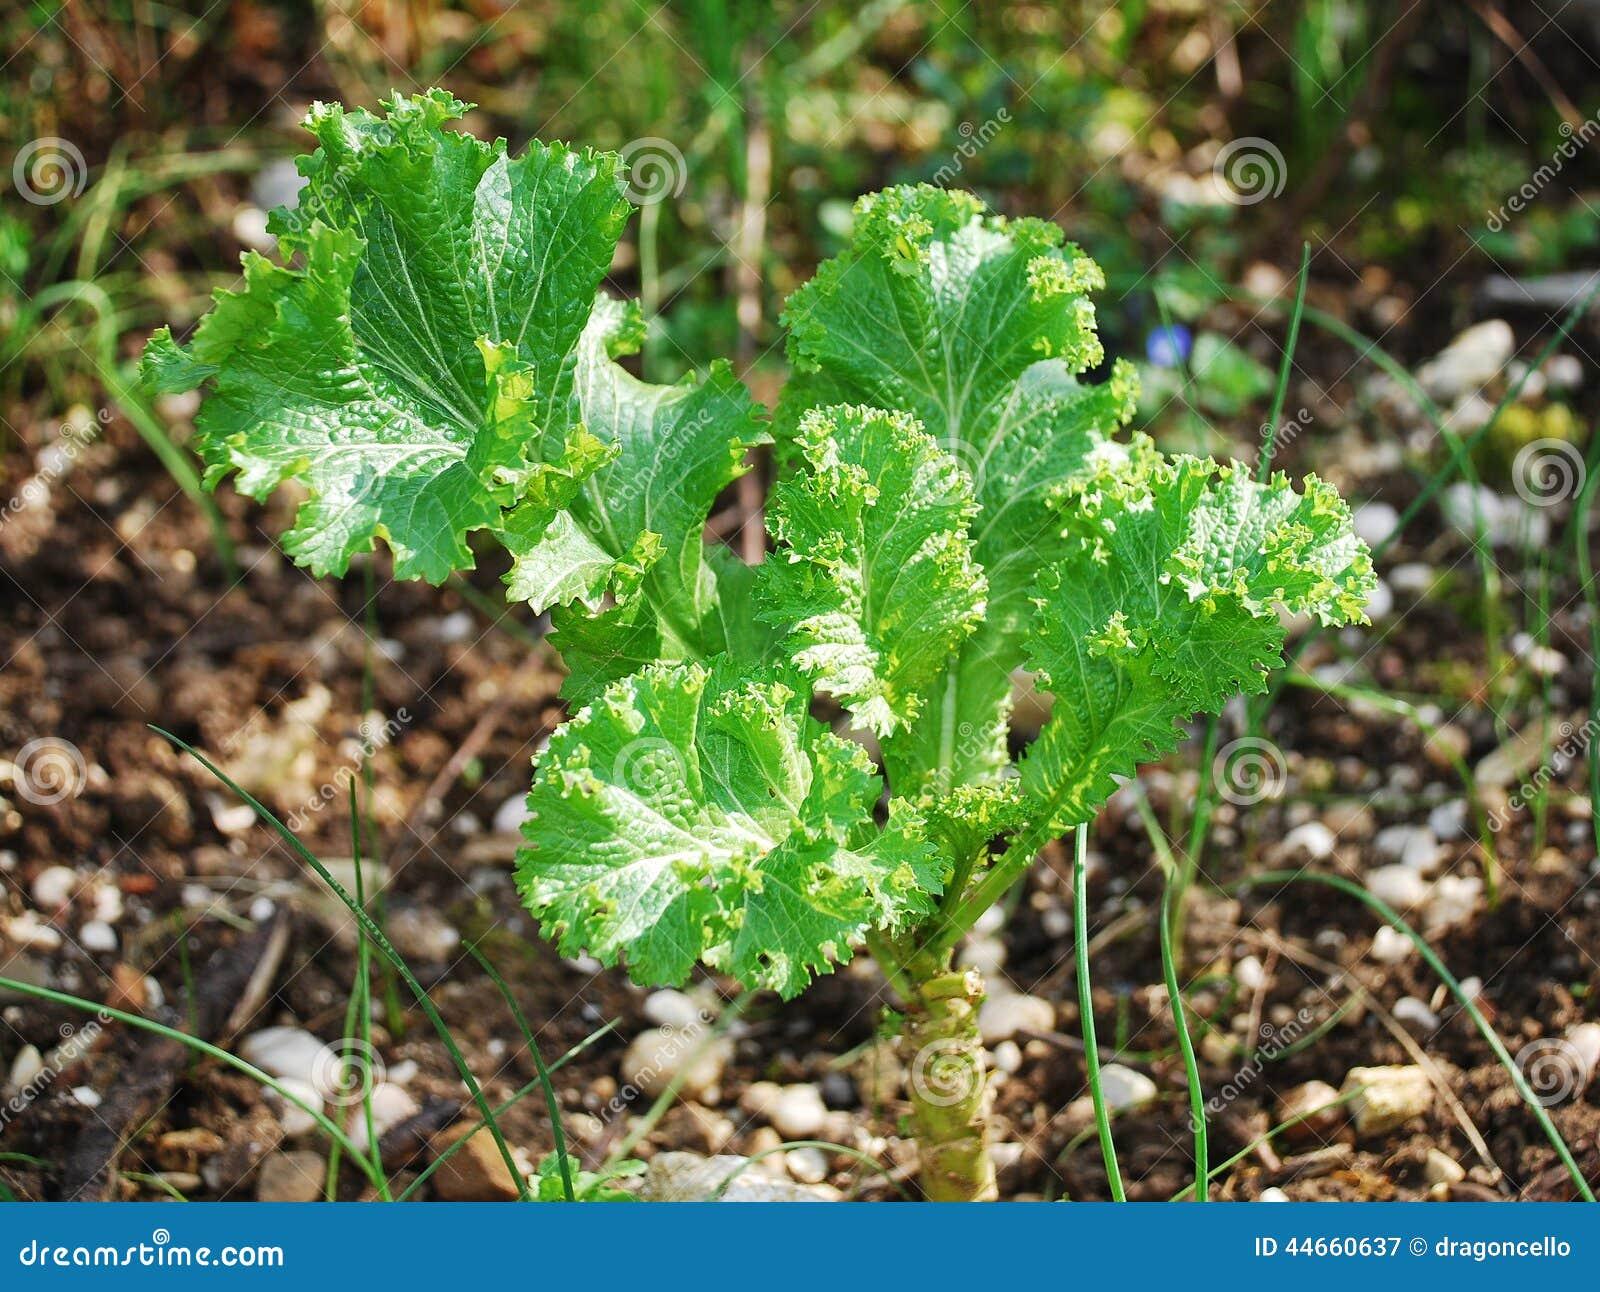 Pianta di wave verde fotografia stock immagine 44660637 for Pianta di more